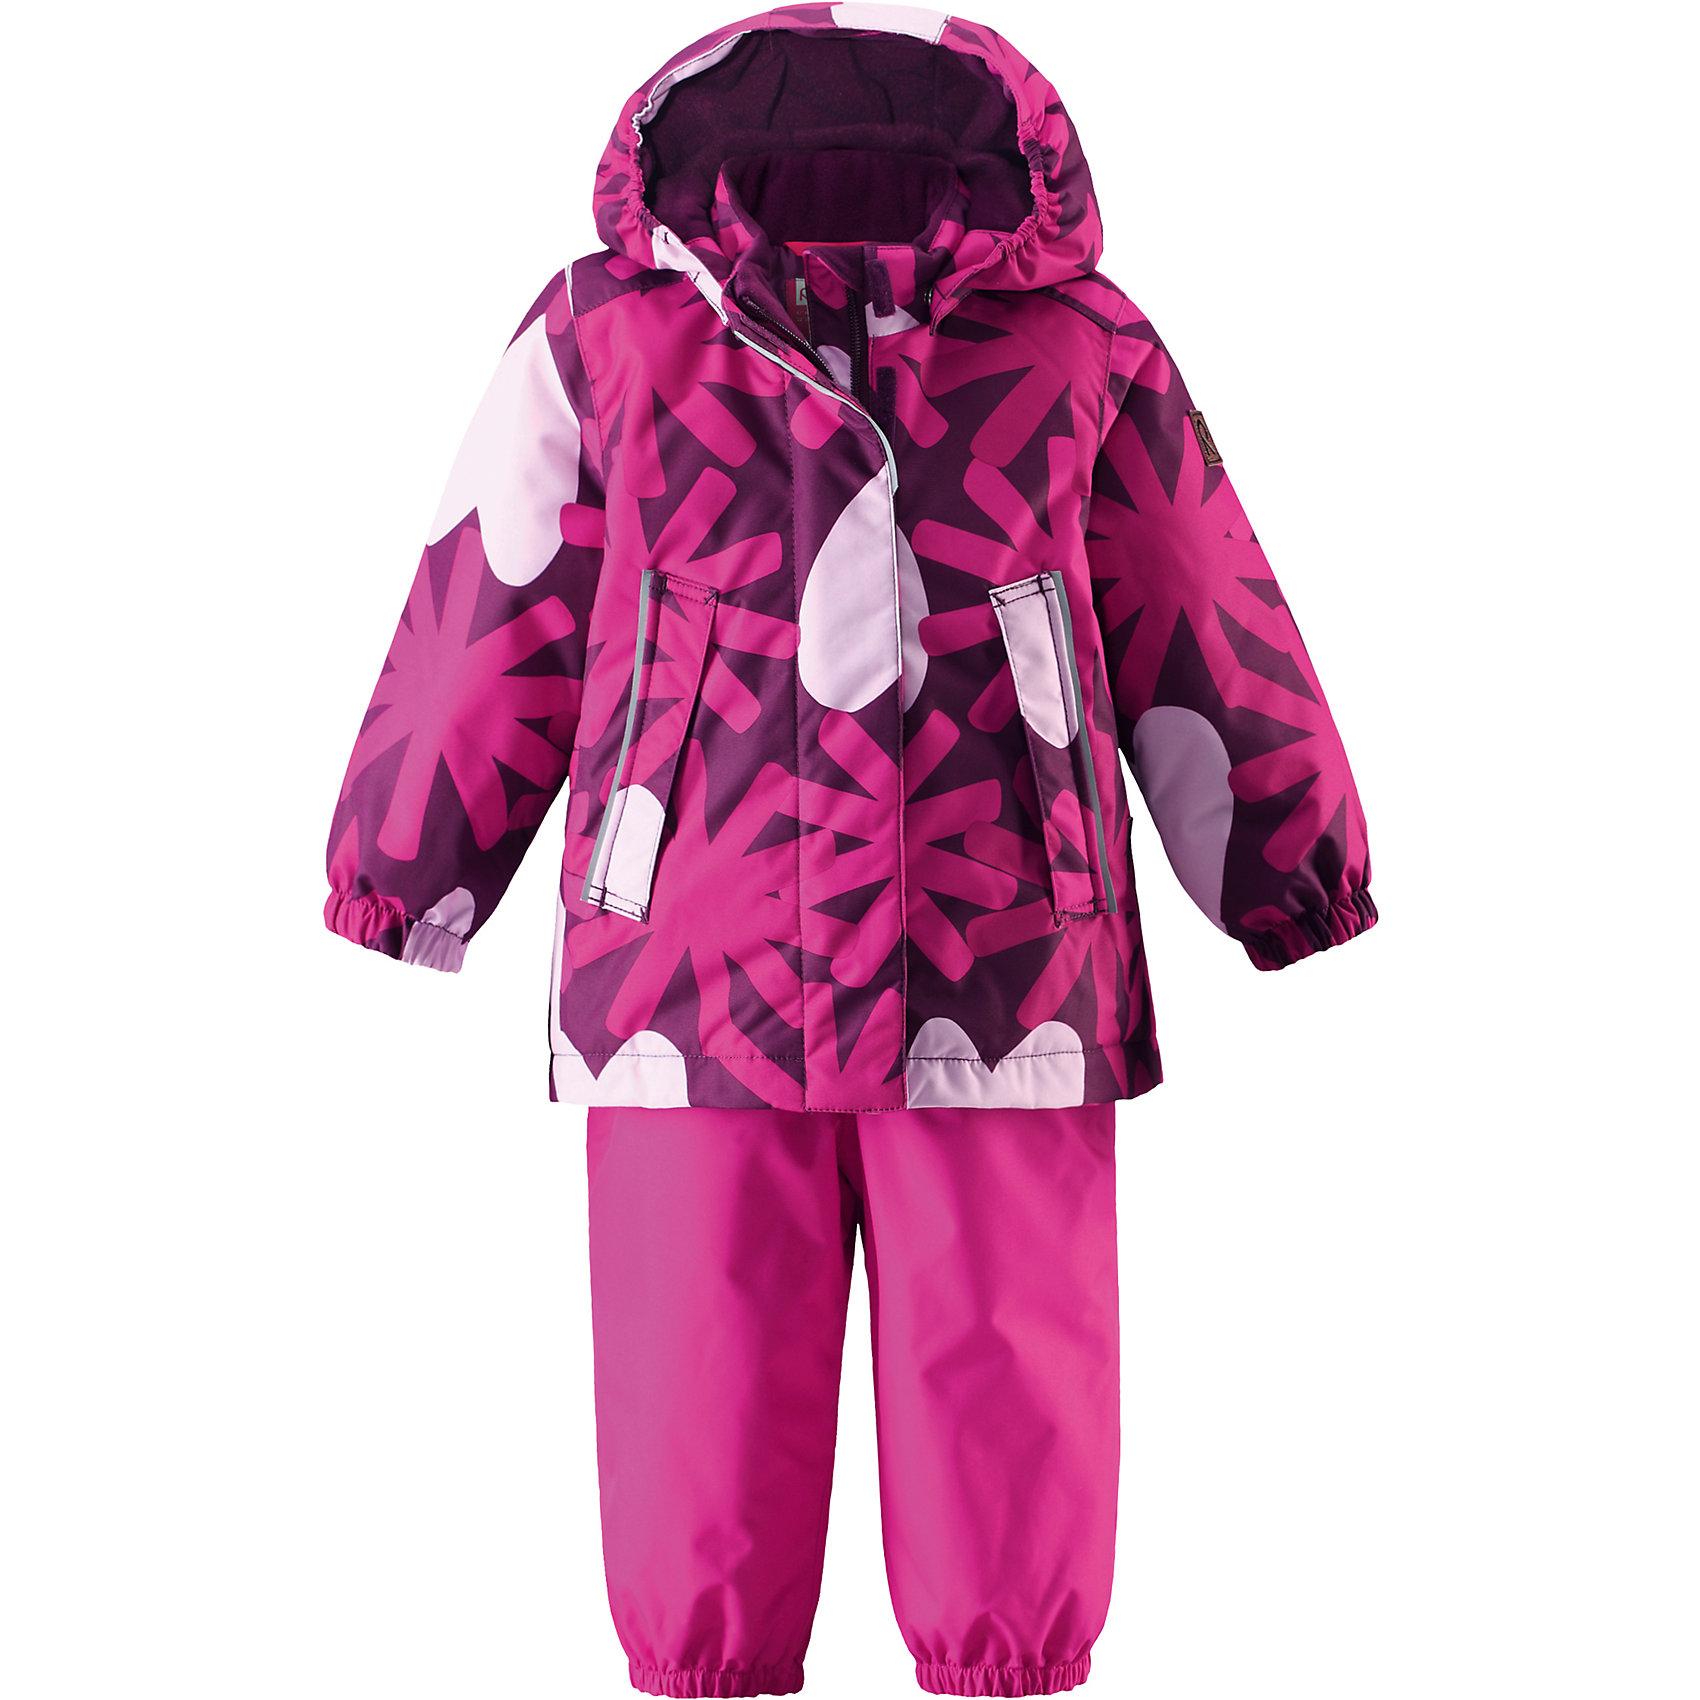 Комплект Misteli для девочки ReimaВерхняя одежда<br>Комплект для девочки Reima<br>Зимний комбинезон для малышей. Основные швы проклеены и не пропускают влагу. Водоотталкивающий, ветронепроницаемый, «дышащий» и грязеотталкивающий материал. Утепленная задняя часть изделия. Гладкая подкладка из полиэстра. Безопасный, отстегивающийся и регулируемый капюшон. Эластичные манжеты. Высокая талия с регулируемыми подтяжками. Съемные эластичные штрипки. Длинная молния для легкого одевания. Карманы на молнииБезопасные светоотражающие детали.<br>Утеплитель: Reima® Comfort+ insulation,160 g, 140 g<br>Уход:<br>Стирать по отдельности, вывернув наизнанку. Застегнуть молнии и липучки. Стирать моющим средством, не содержащим отбеливающие вещества. Полоскать без специального средства. Во избежание изменения цвета изделие необходимо вынуть из стиральной машинки незамедлительно после окончания программы стирки. Сушить при низкой температуре.<br>Состав:<br>100% Полиамид, полиуретановое покрытие<br><br>Ширина мм: 356<br>Глубина мм: 10<br>Высота мм: 245<br>Вес г: 519<br>Цвет: розовый<br>Возраст от месяцев: 9<br>Возраст до месяцев: 12<br>Пол: Женский<br>Возраст: Детский<br>Размер: 80,86,92,98,74<br>SKU: 4776158